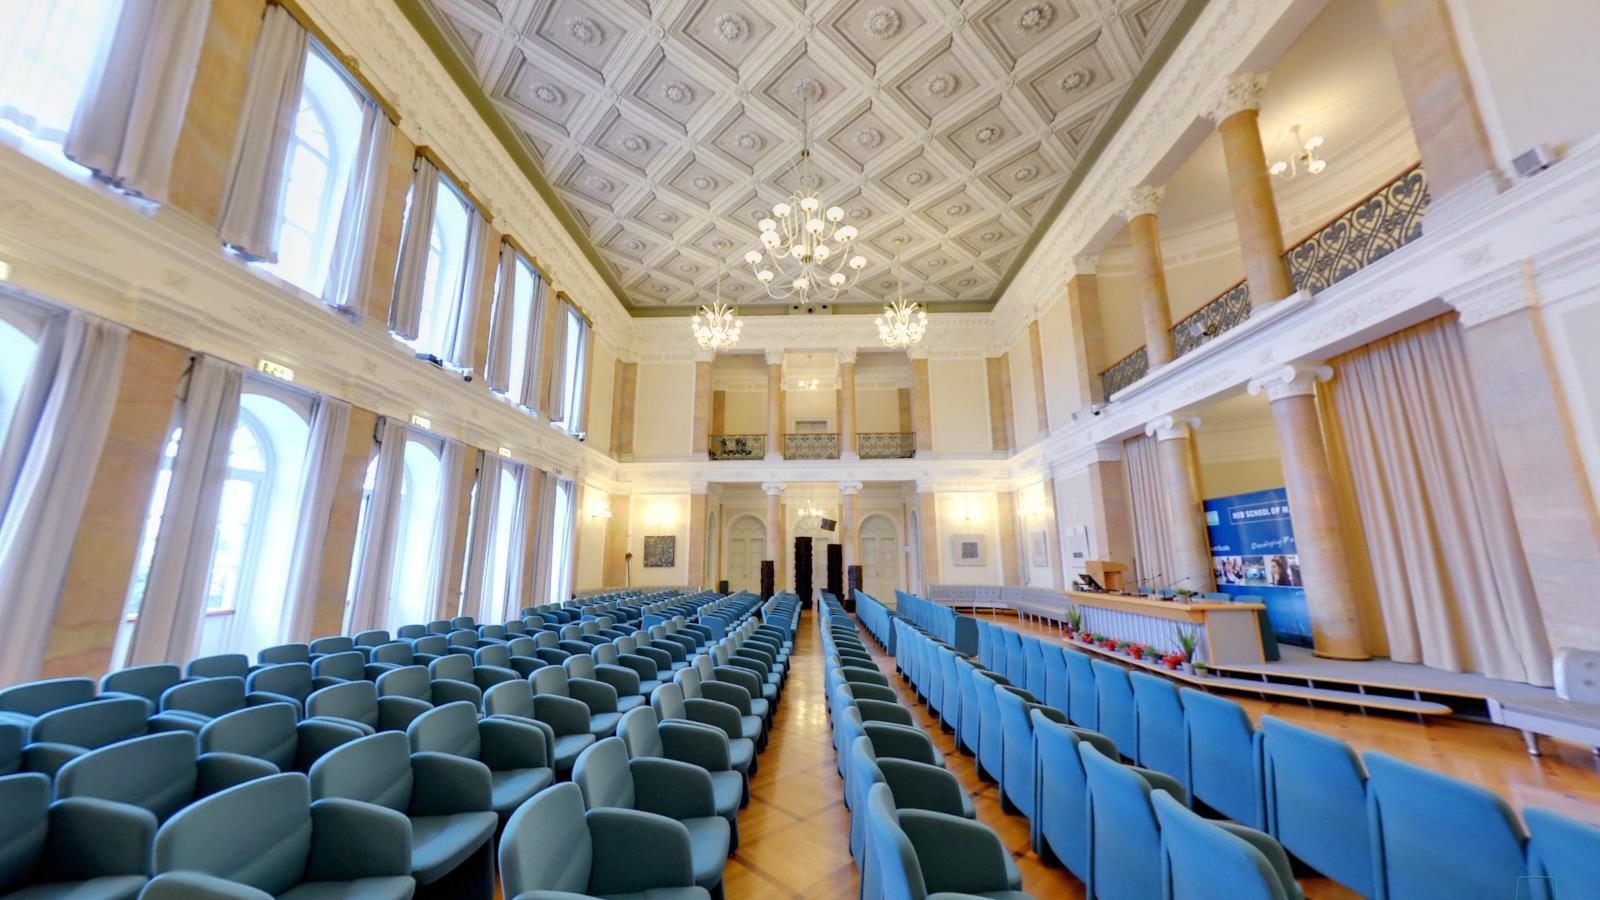 Dimensioni Sala Conferenze 100 Posti.Aule E Sale Conferenze